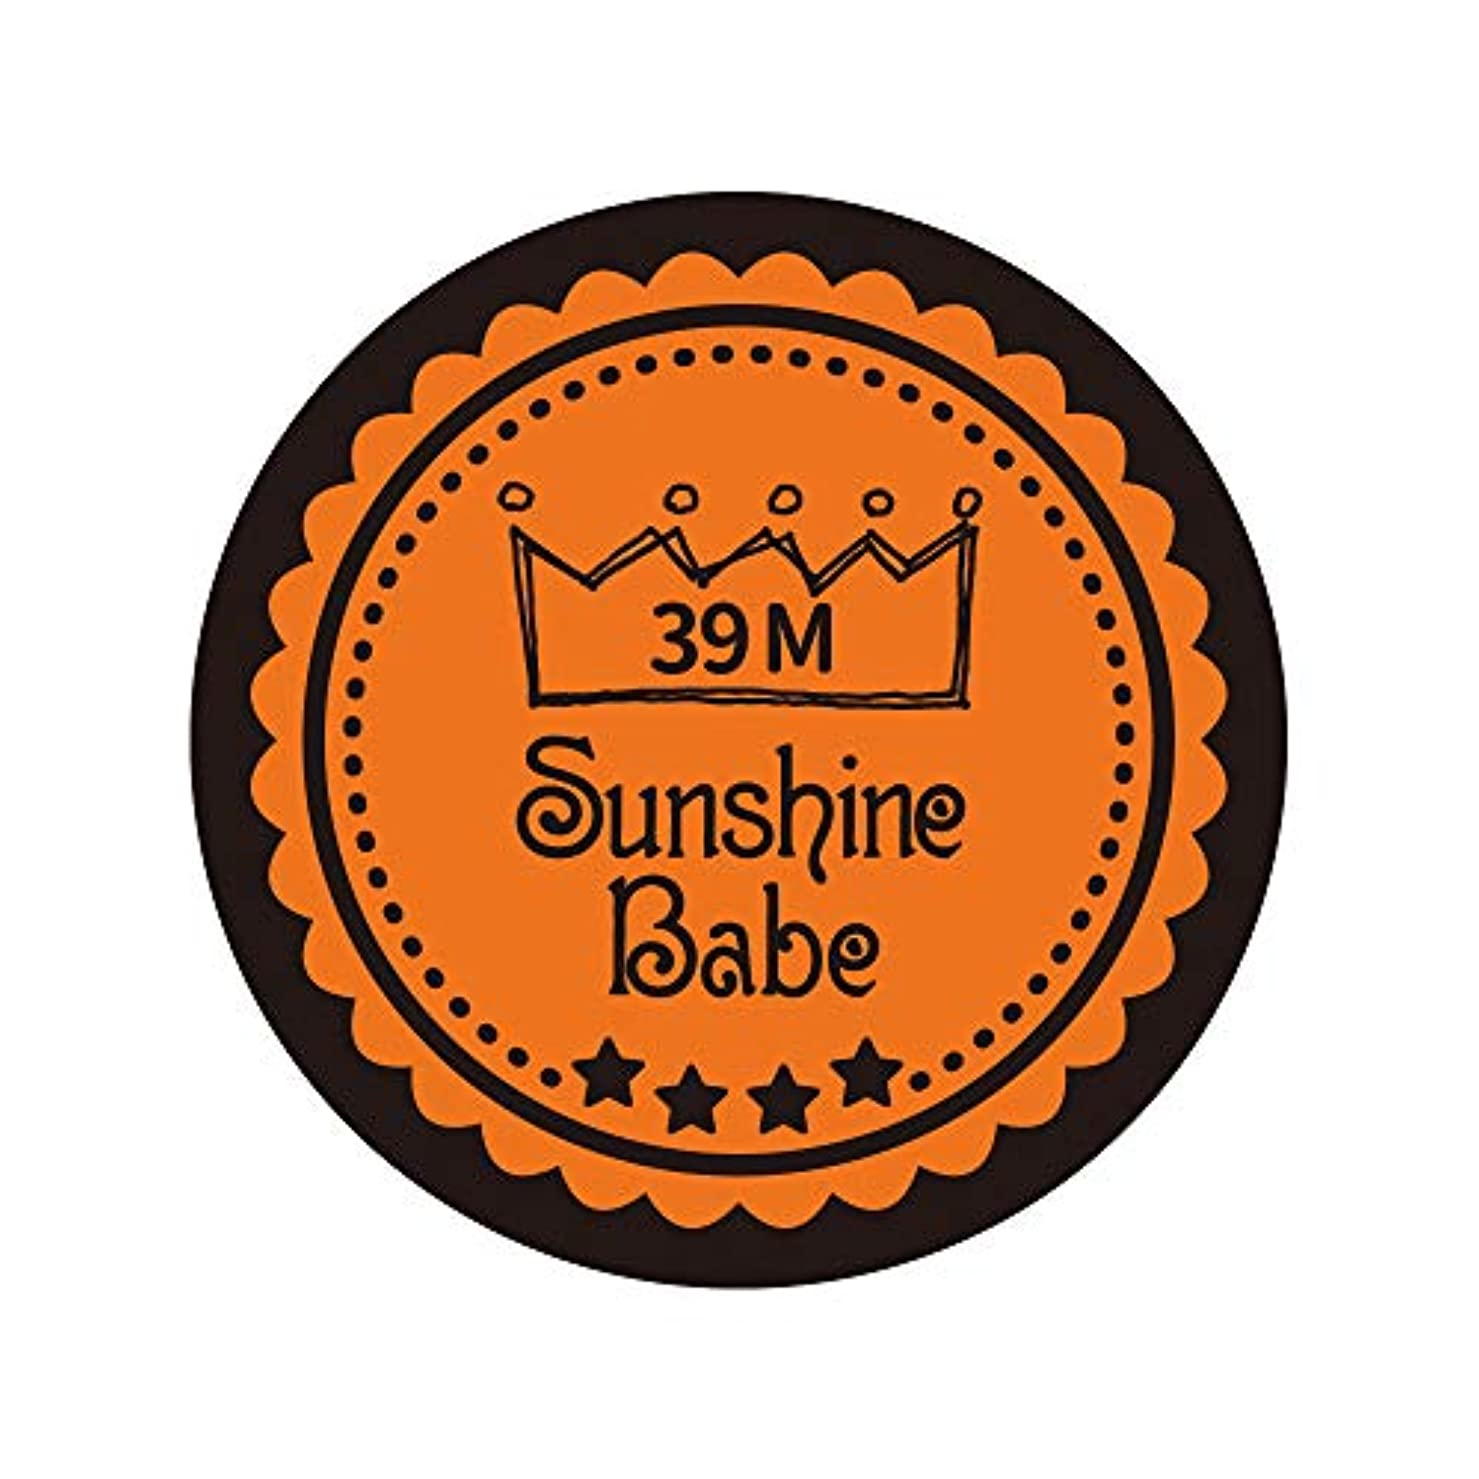 見積り修復ラフトSunshine Babe カラージェル 39M ラセットオレンジ 2.7g UV/LED対応